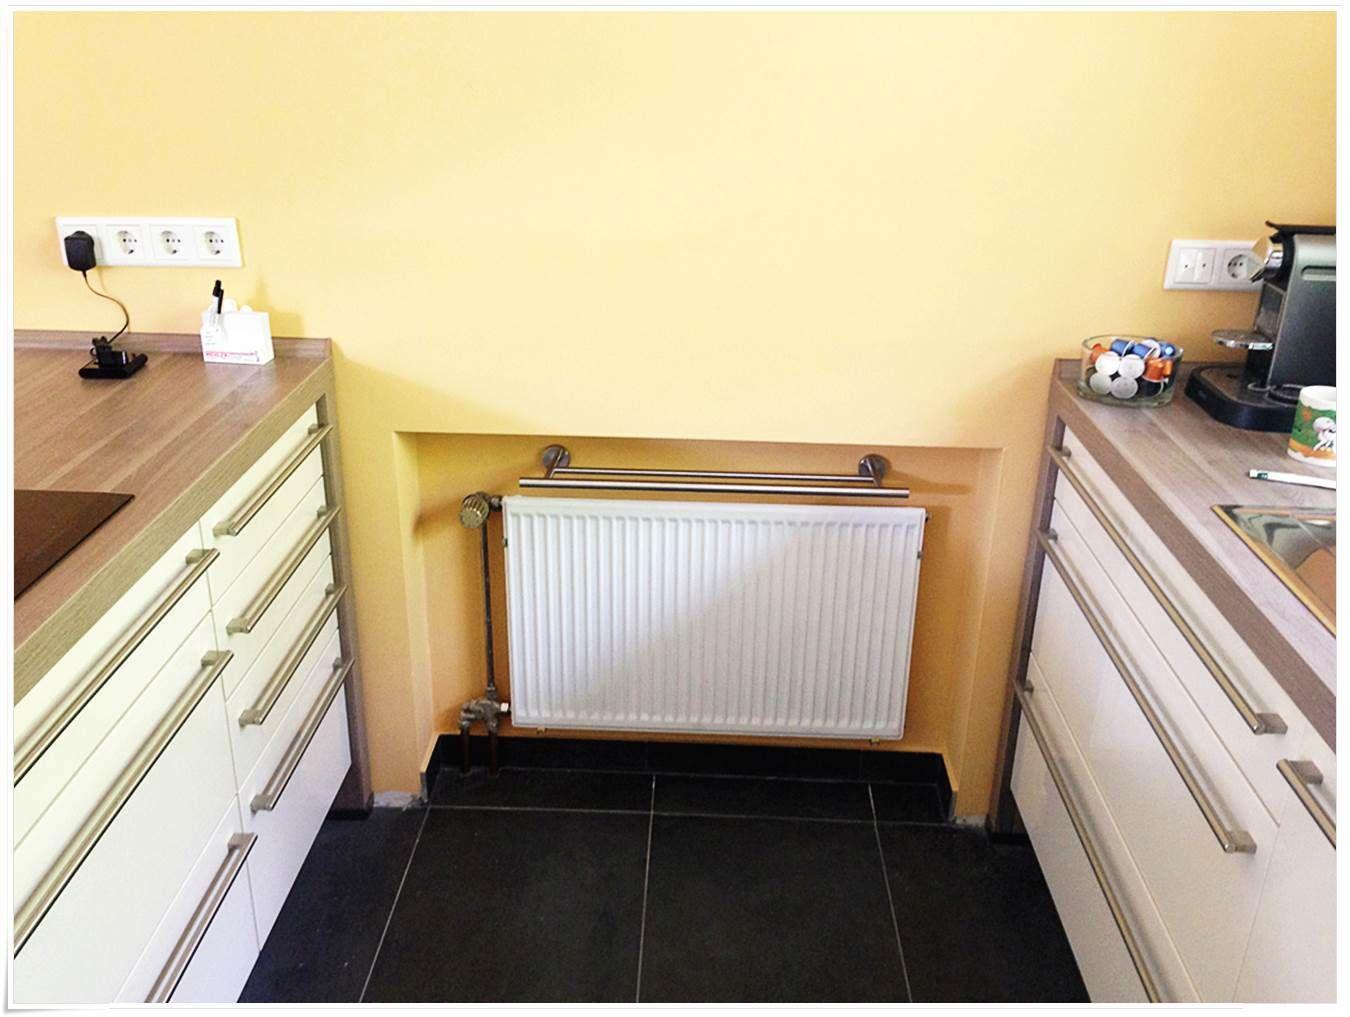 Heizkörper Küche Verbauen   Küche und Highboard